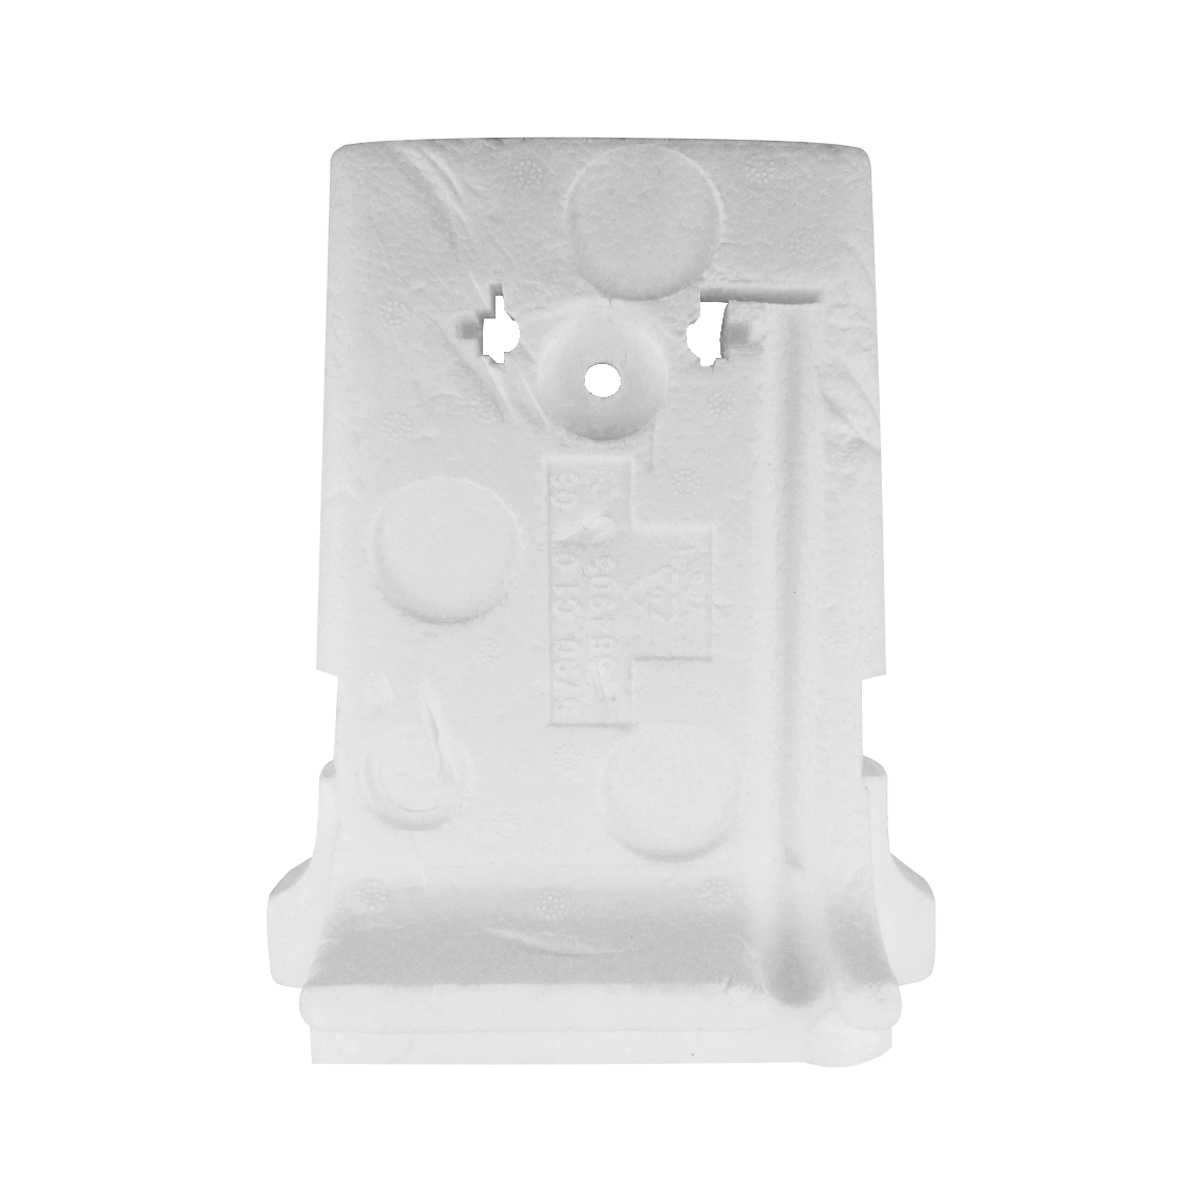 Duto de ar geladeira Electrolux DF80, DF80X, DF62X, DF62